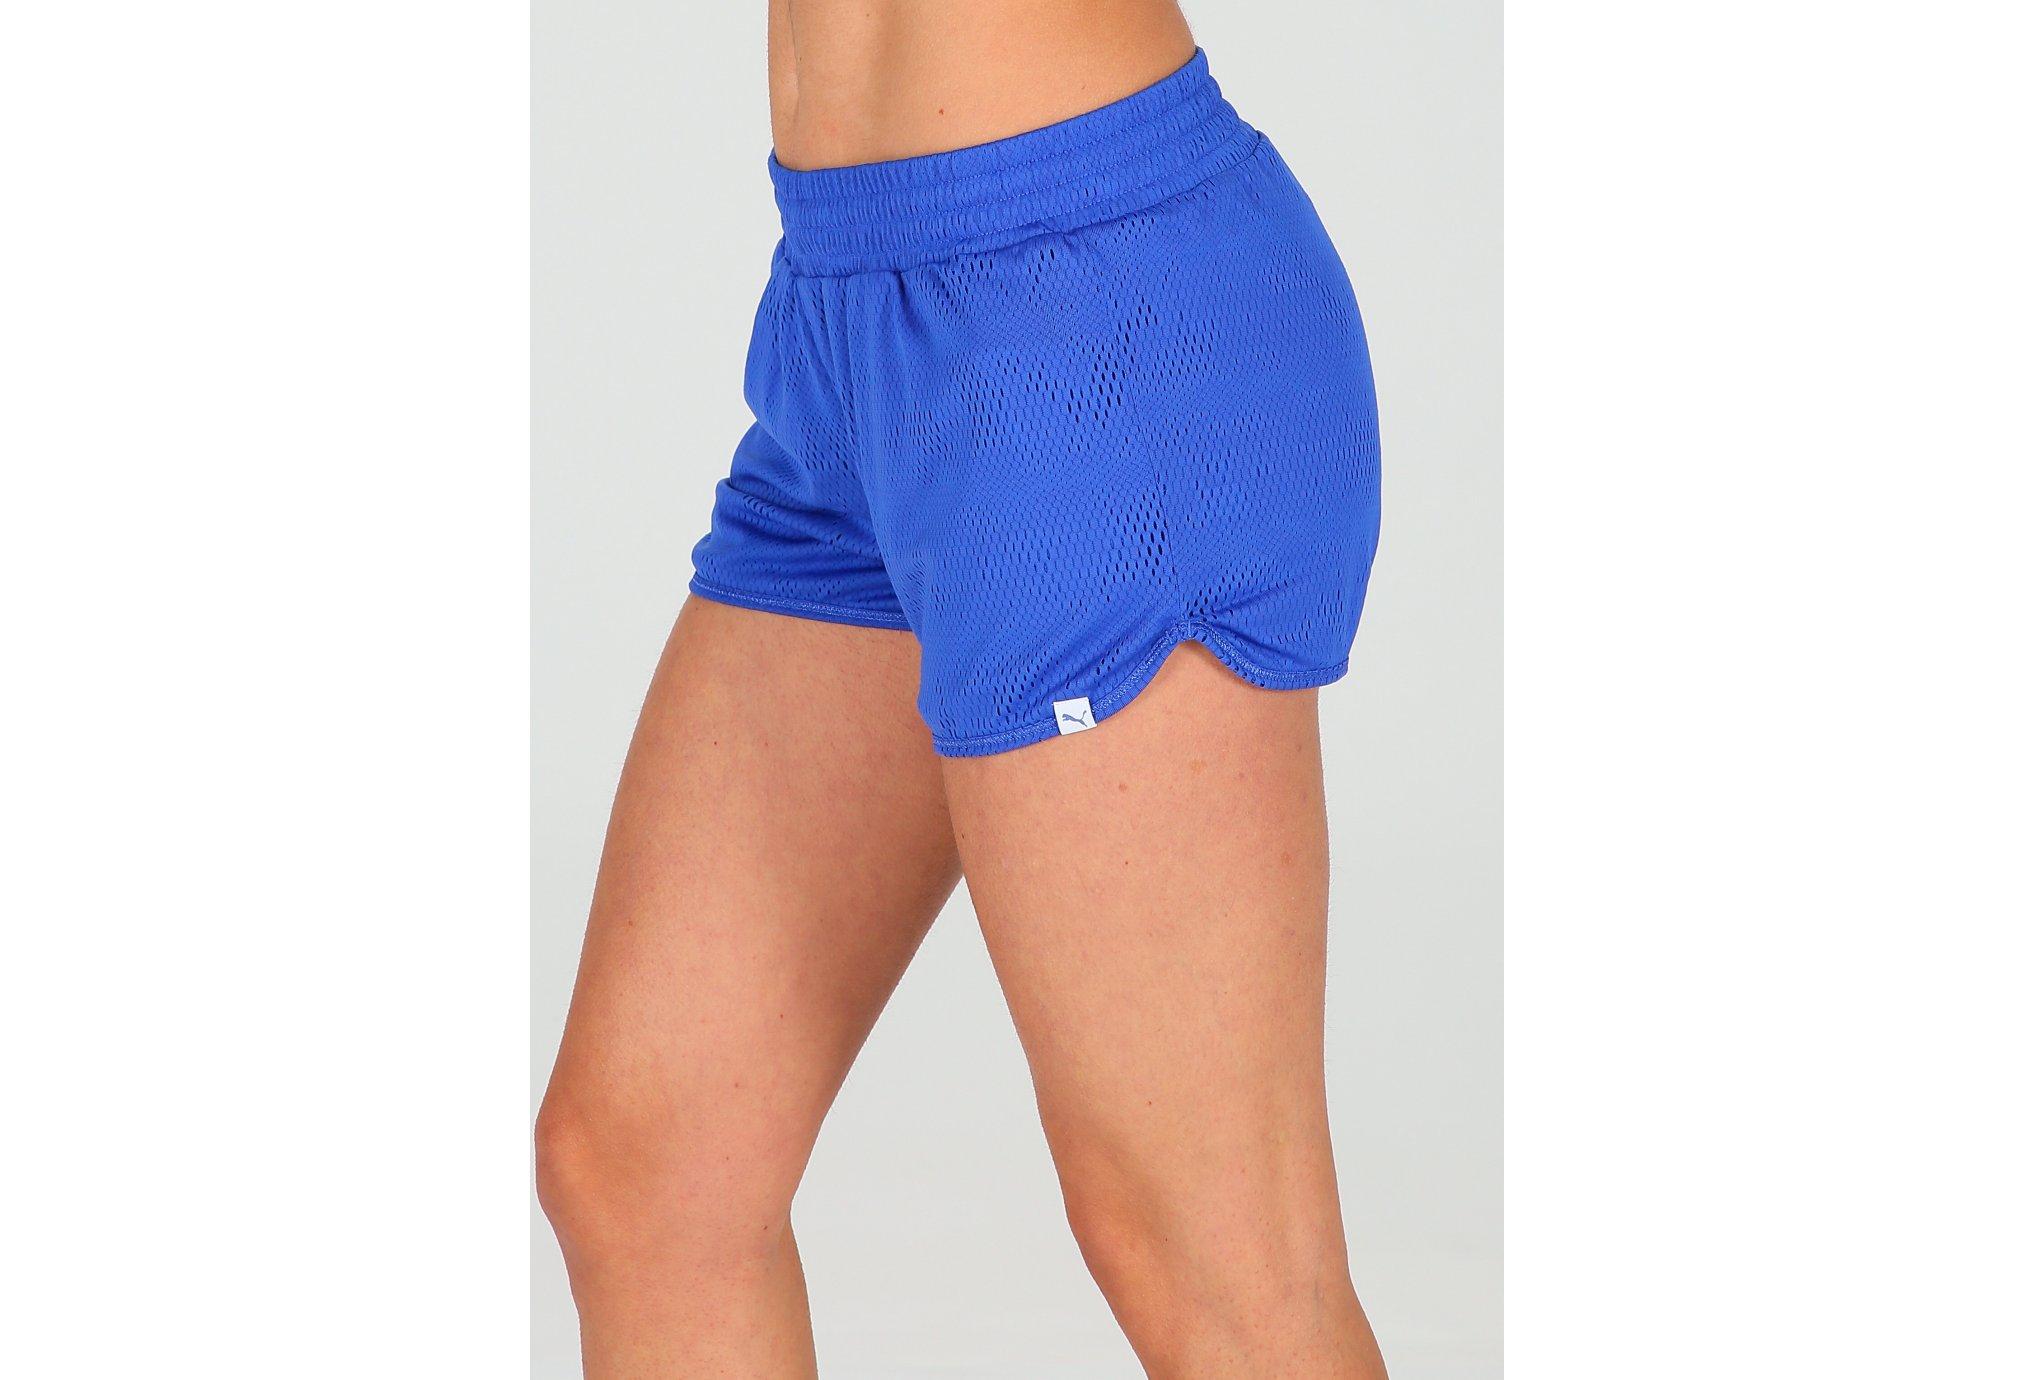 Puma Short Mesh It Up W Diététique Vêtements femme